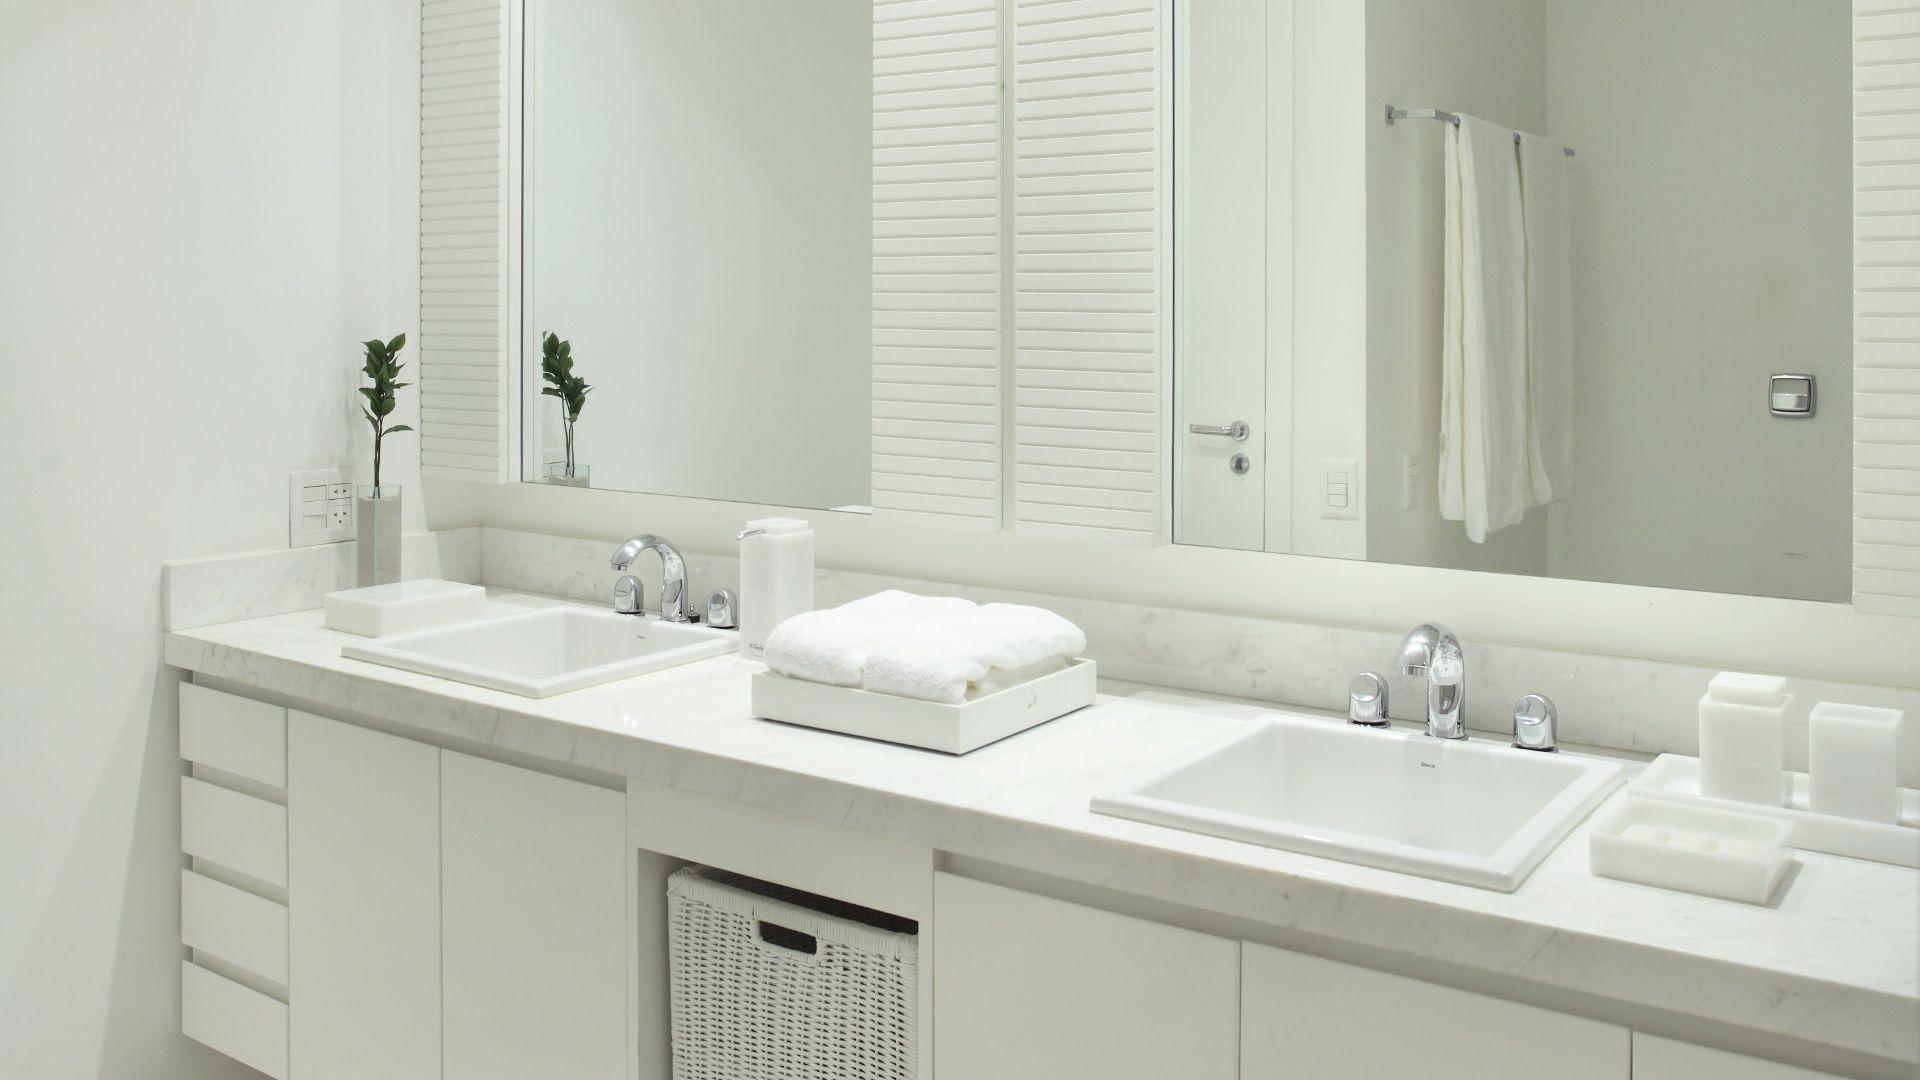 Imagens De Banheiros Decorados Simples #1